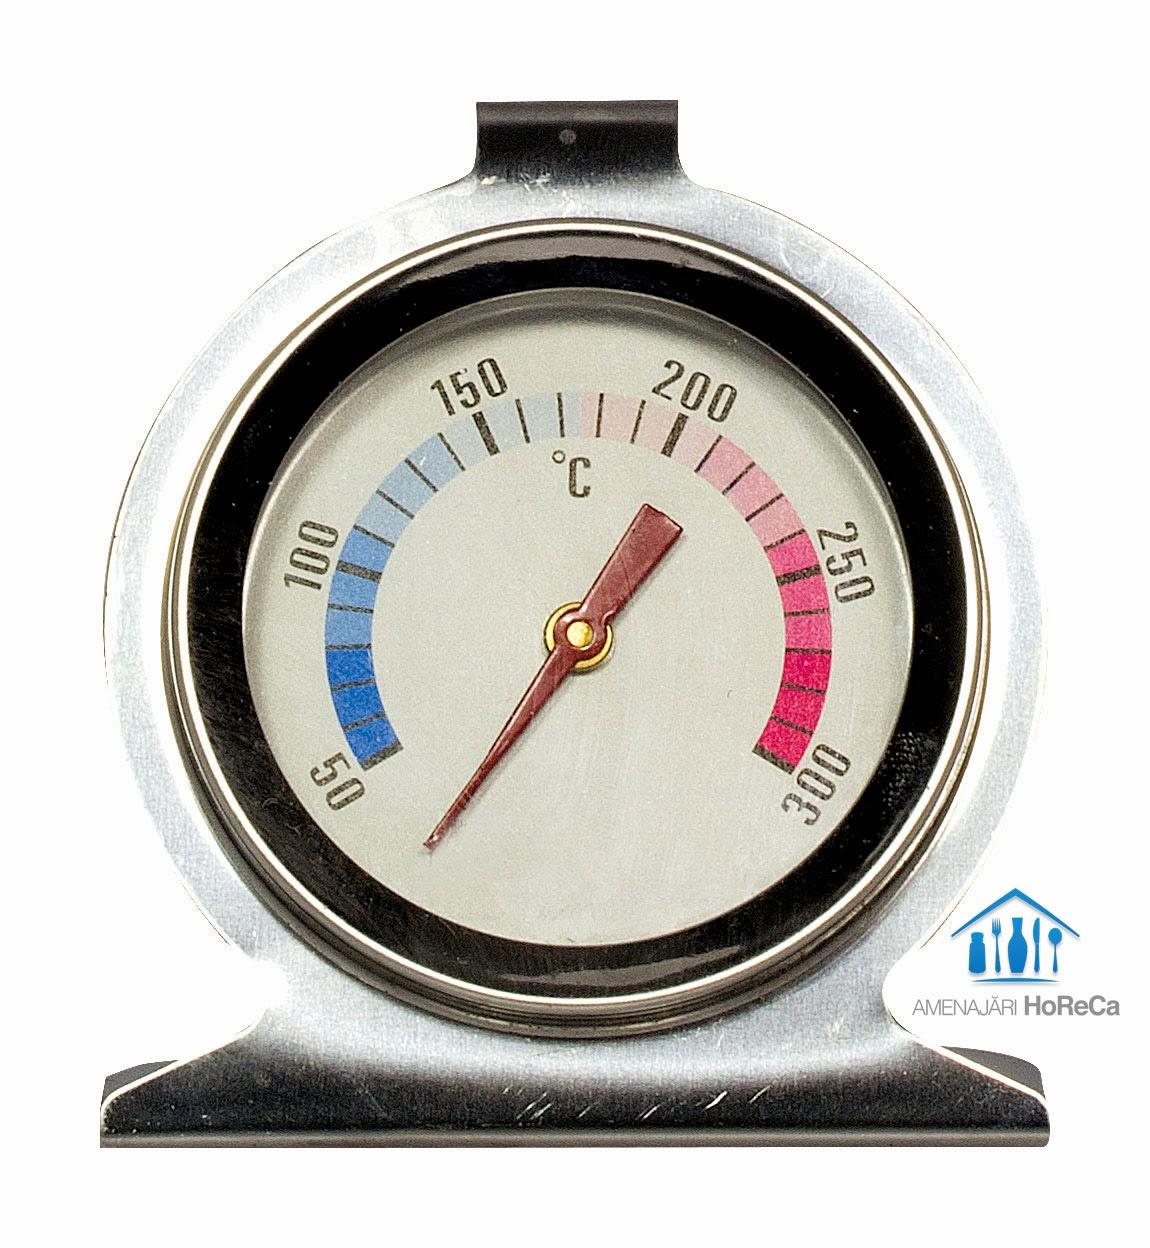 Termometru cuptor, termometru bucatarie, pret termometru, accesorii bucatarie